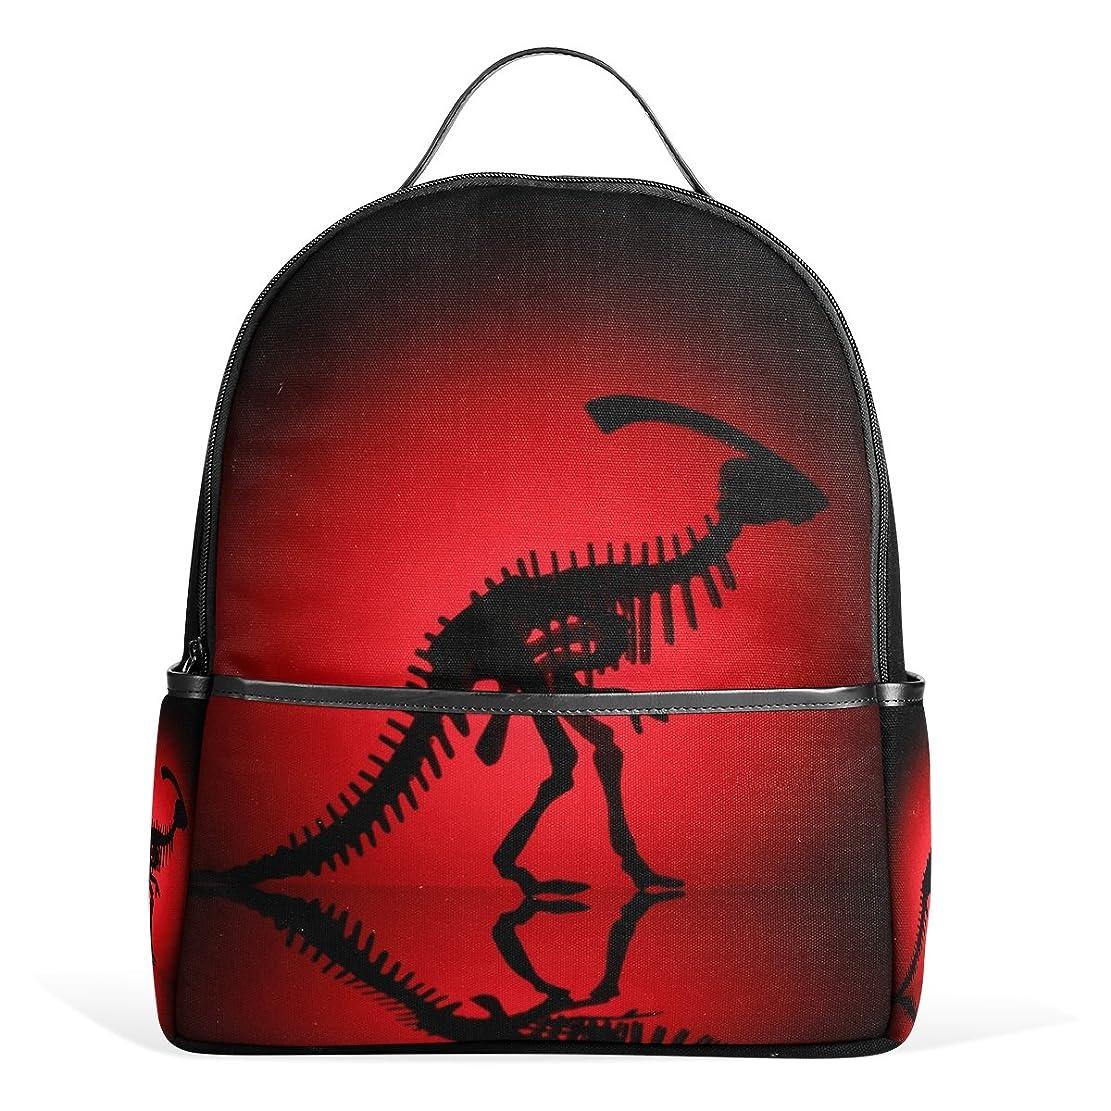 不完全なスコットランド人資料マキク(MAKIKU) リュック レディース おしゃれ 軽量 大容量 通学 通勤 旅行 恐竜 レッド ブラック プレゼント対応